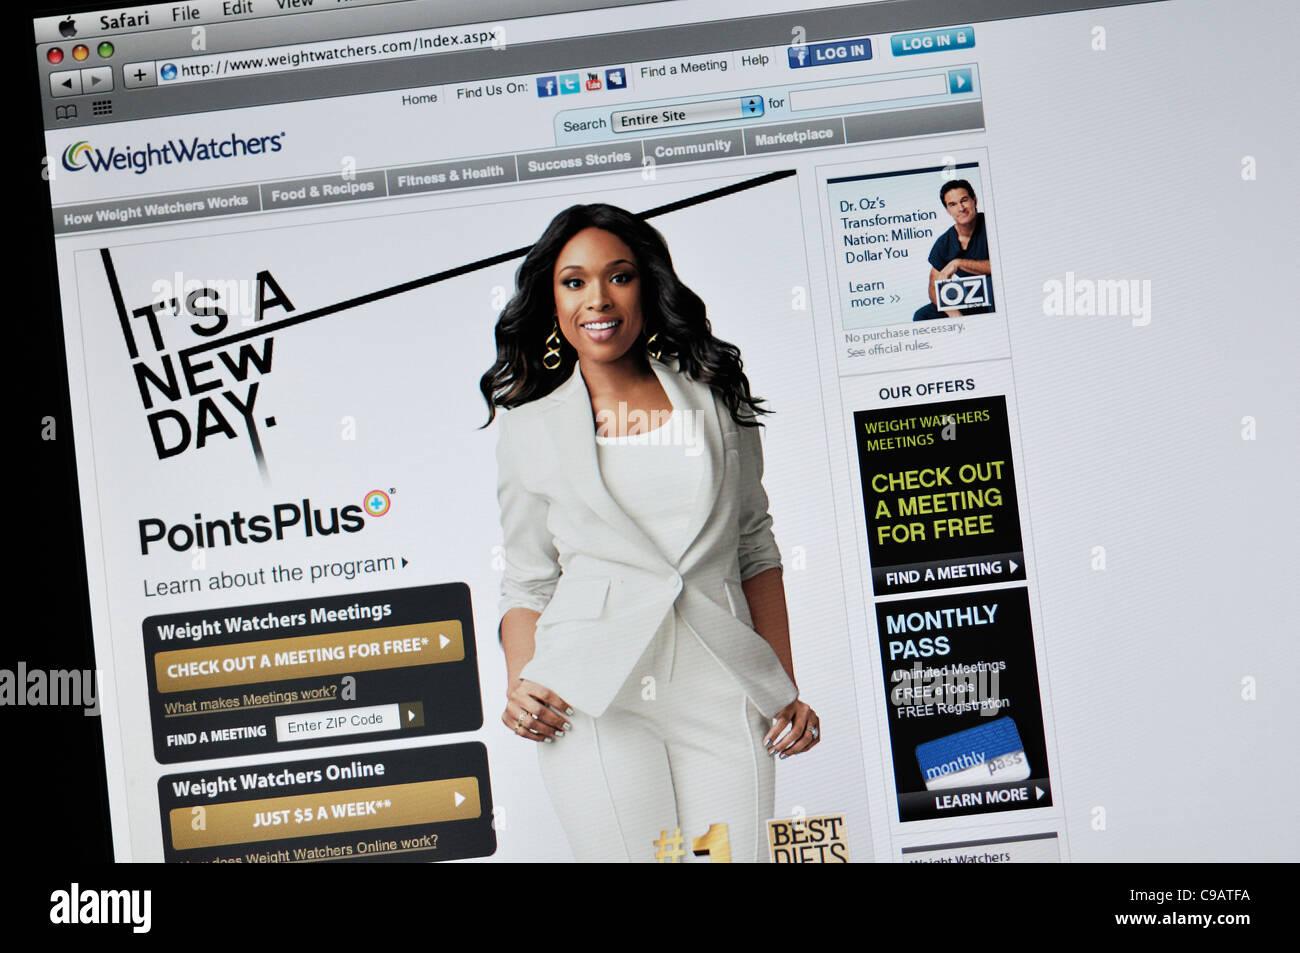 Weightwatchers website - Stock Image